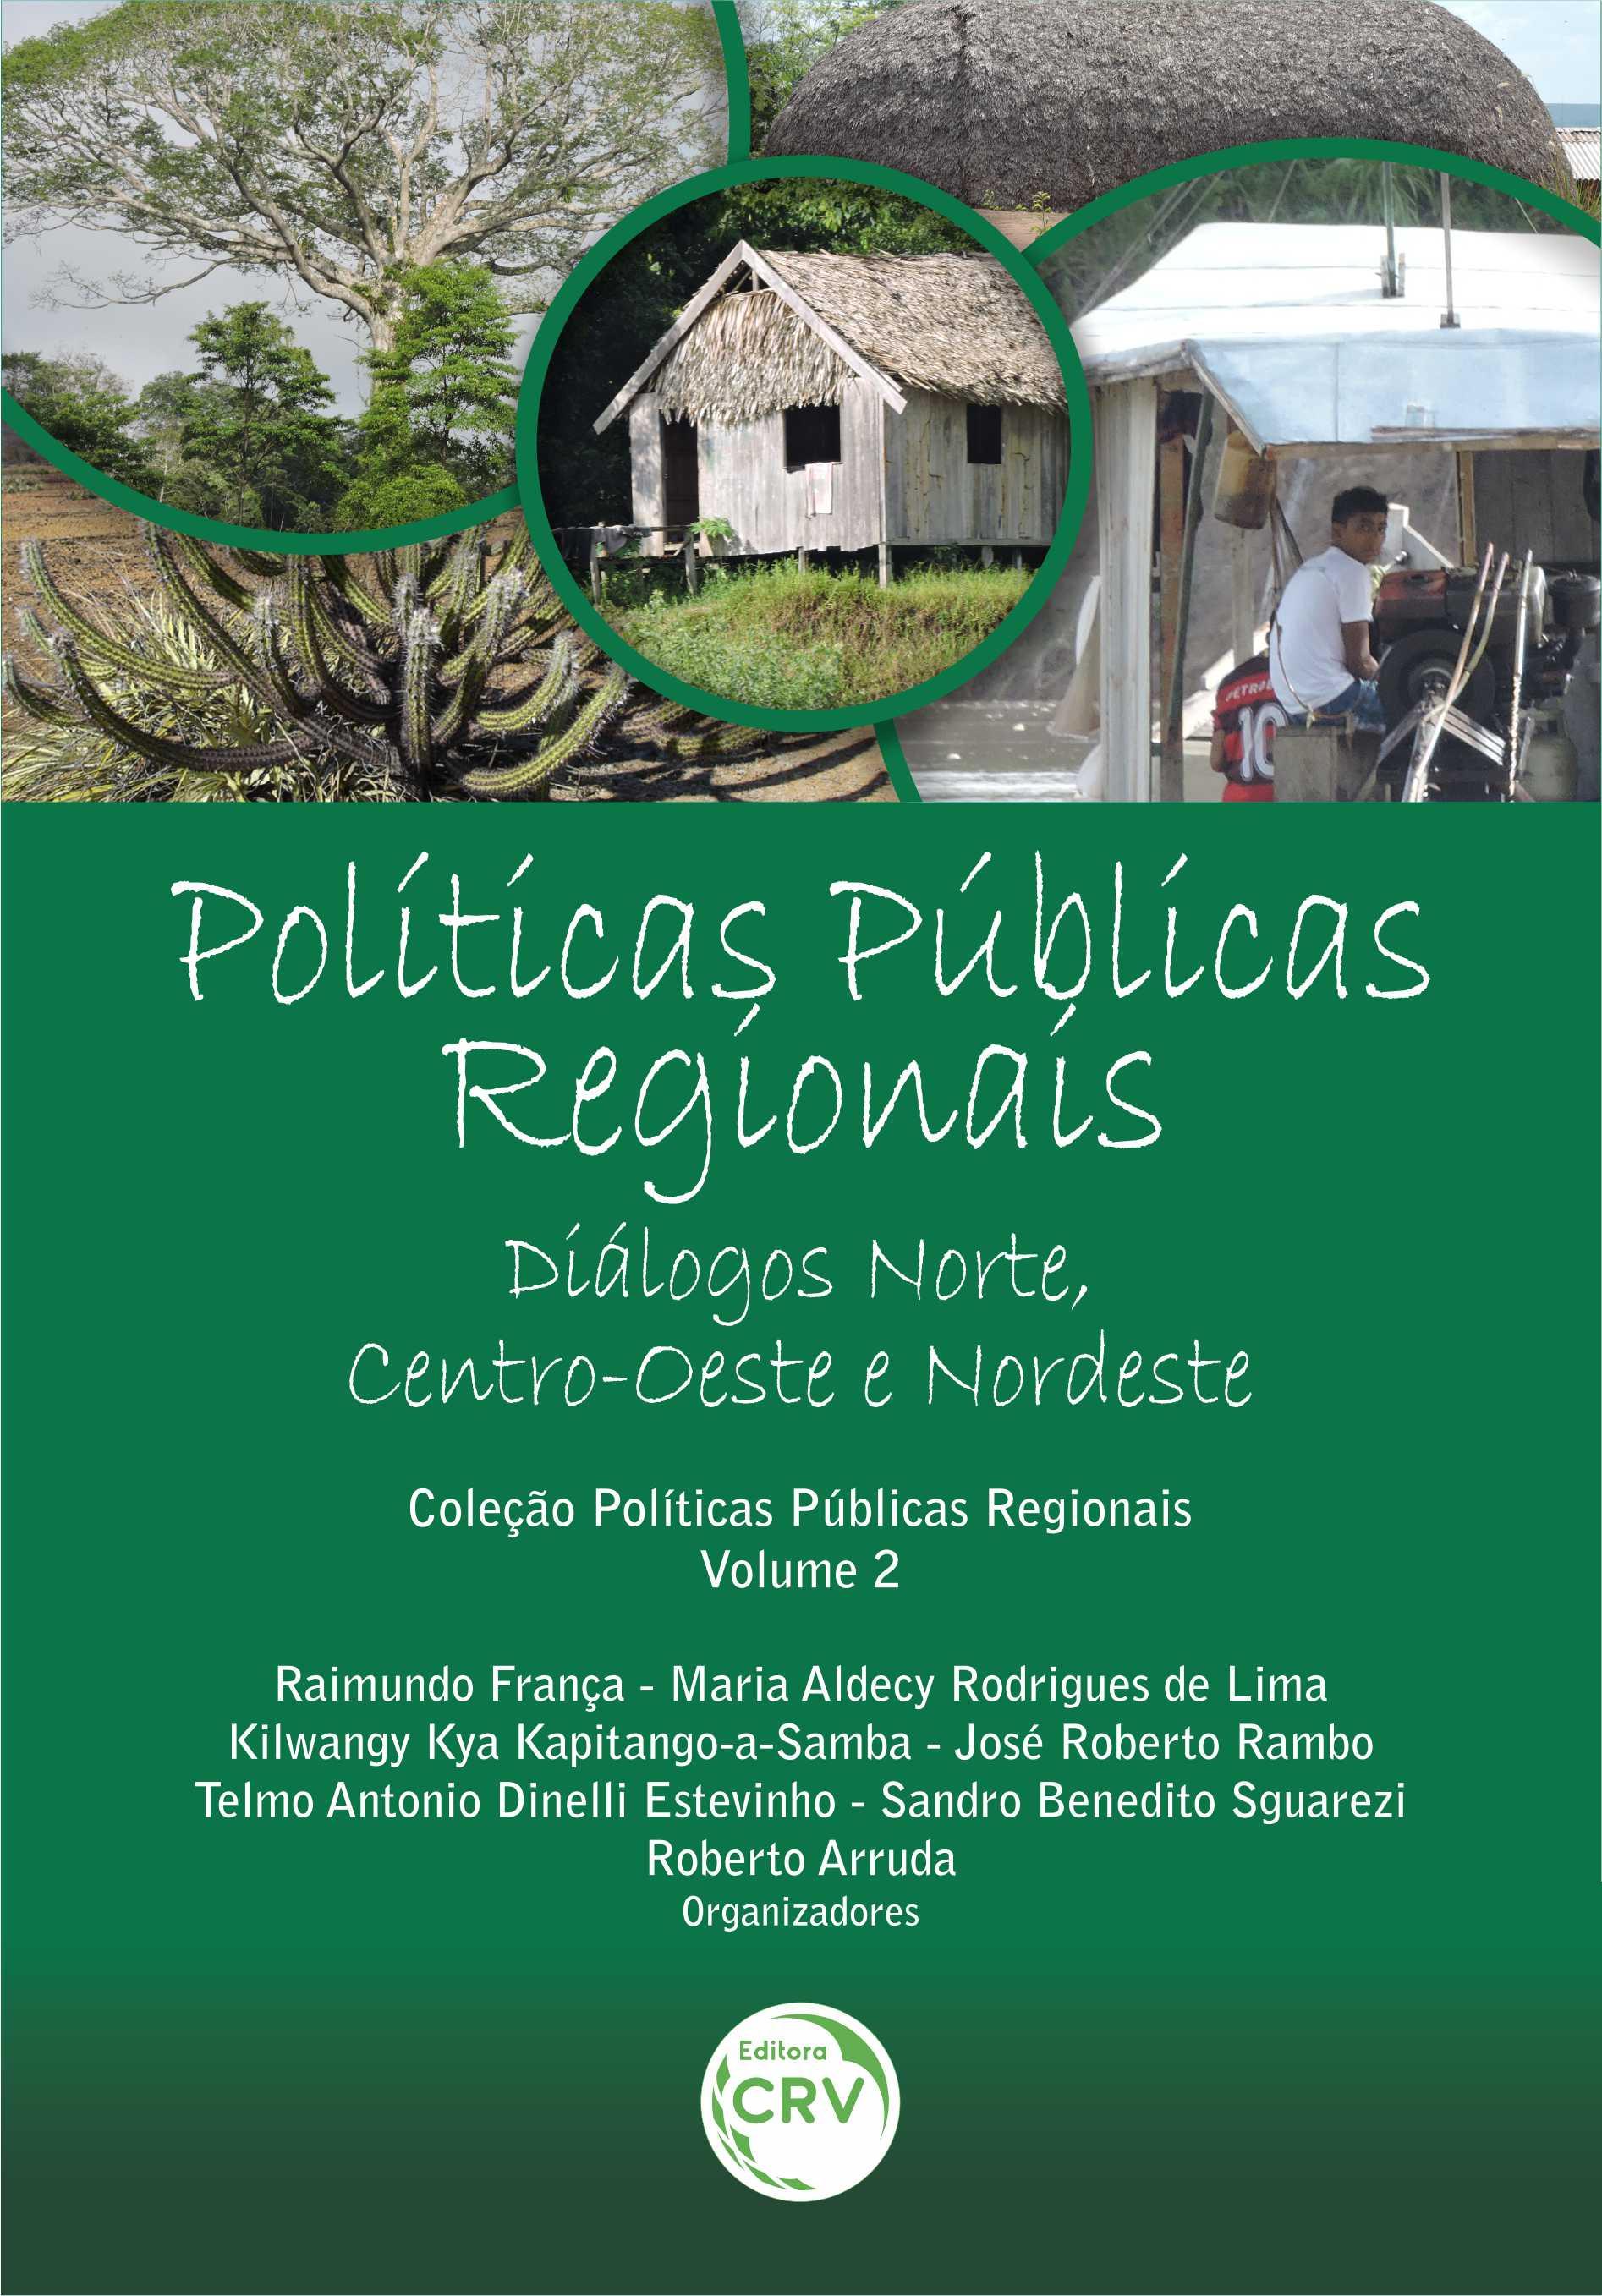 Capa do livro: POLÍTICAS PÚBLICAS REGIONAIS: <br>diálogos Norte, Centro-Oeste e Nordeste<br><br> Coleção Políticas Públicas Regionais – Volume 2